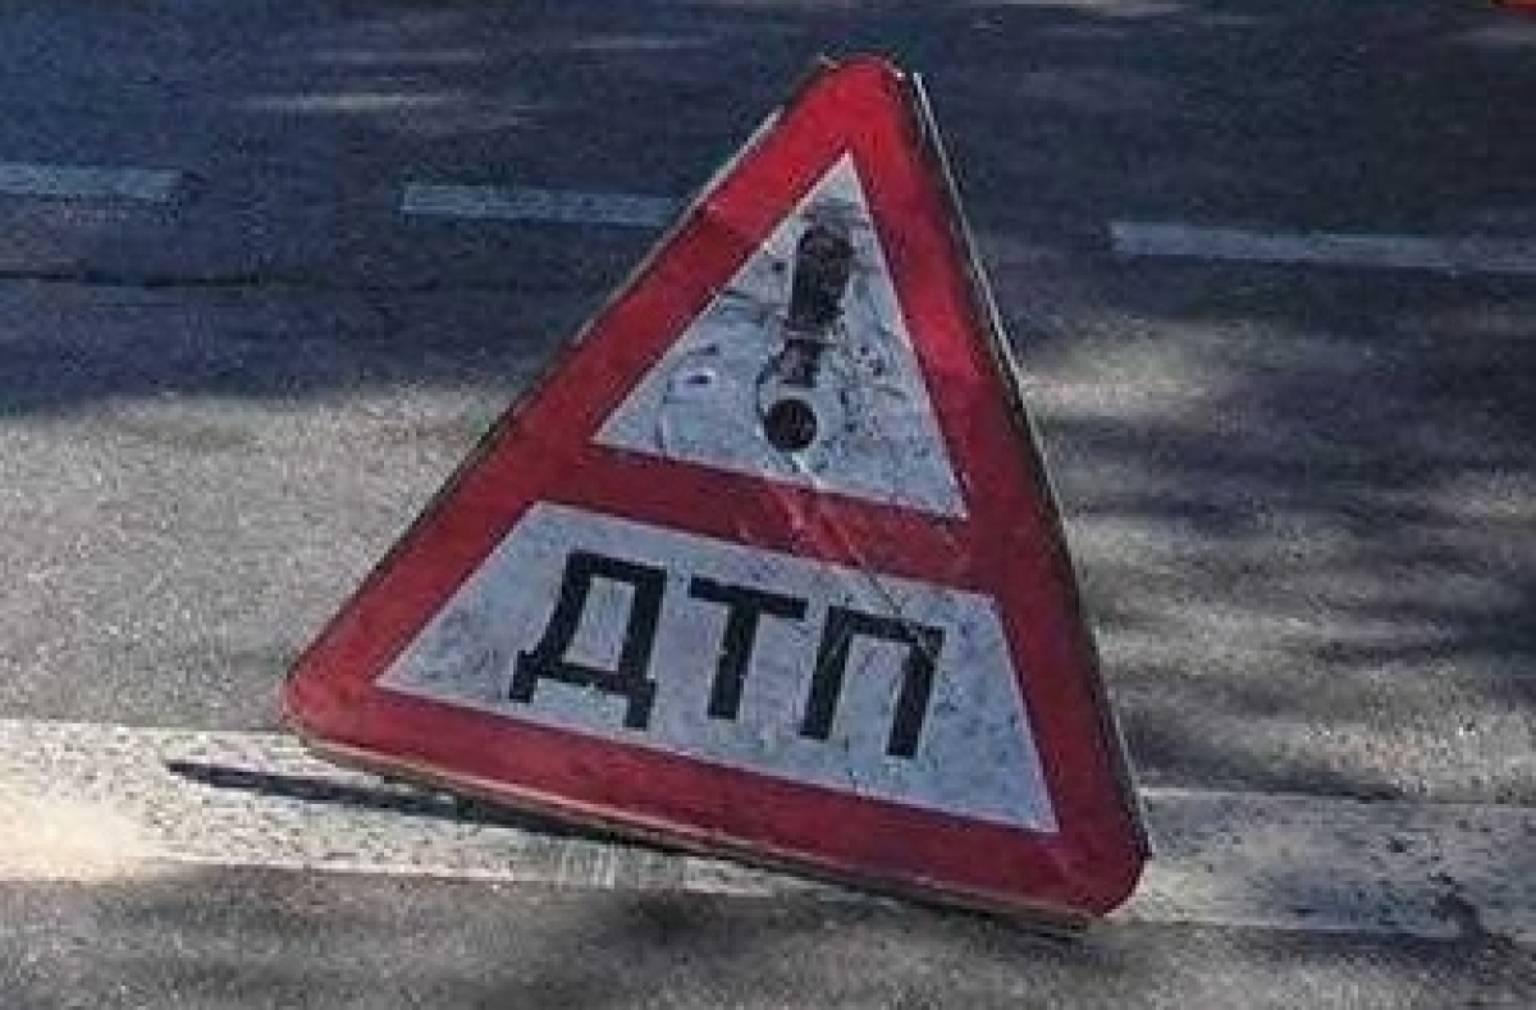 На аварийных участках дорог увеличат количество патрульных экипажей - МВД